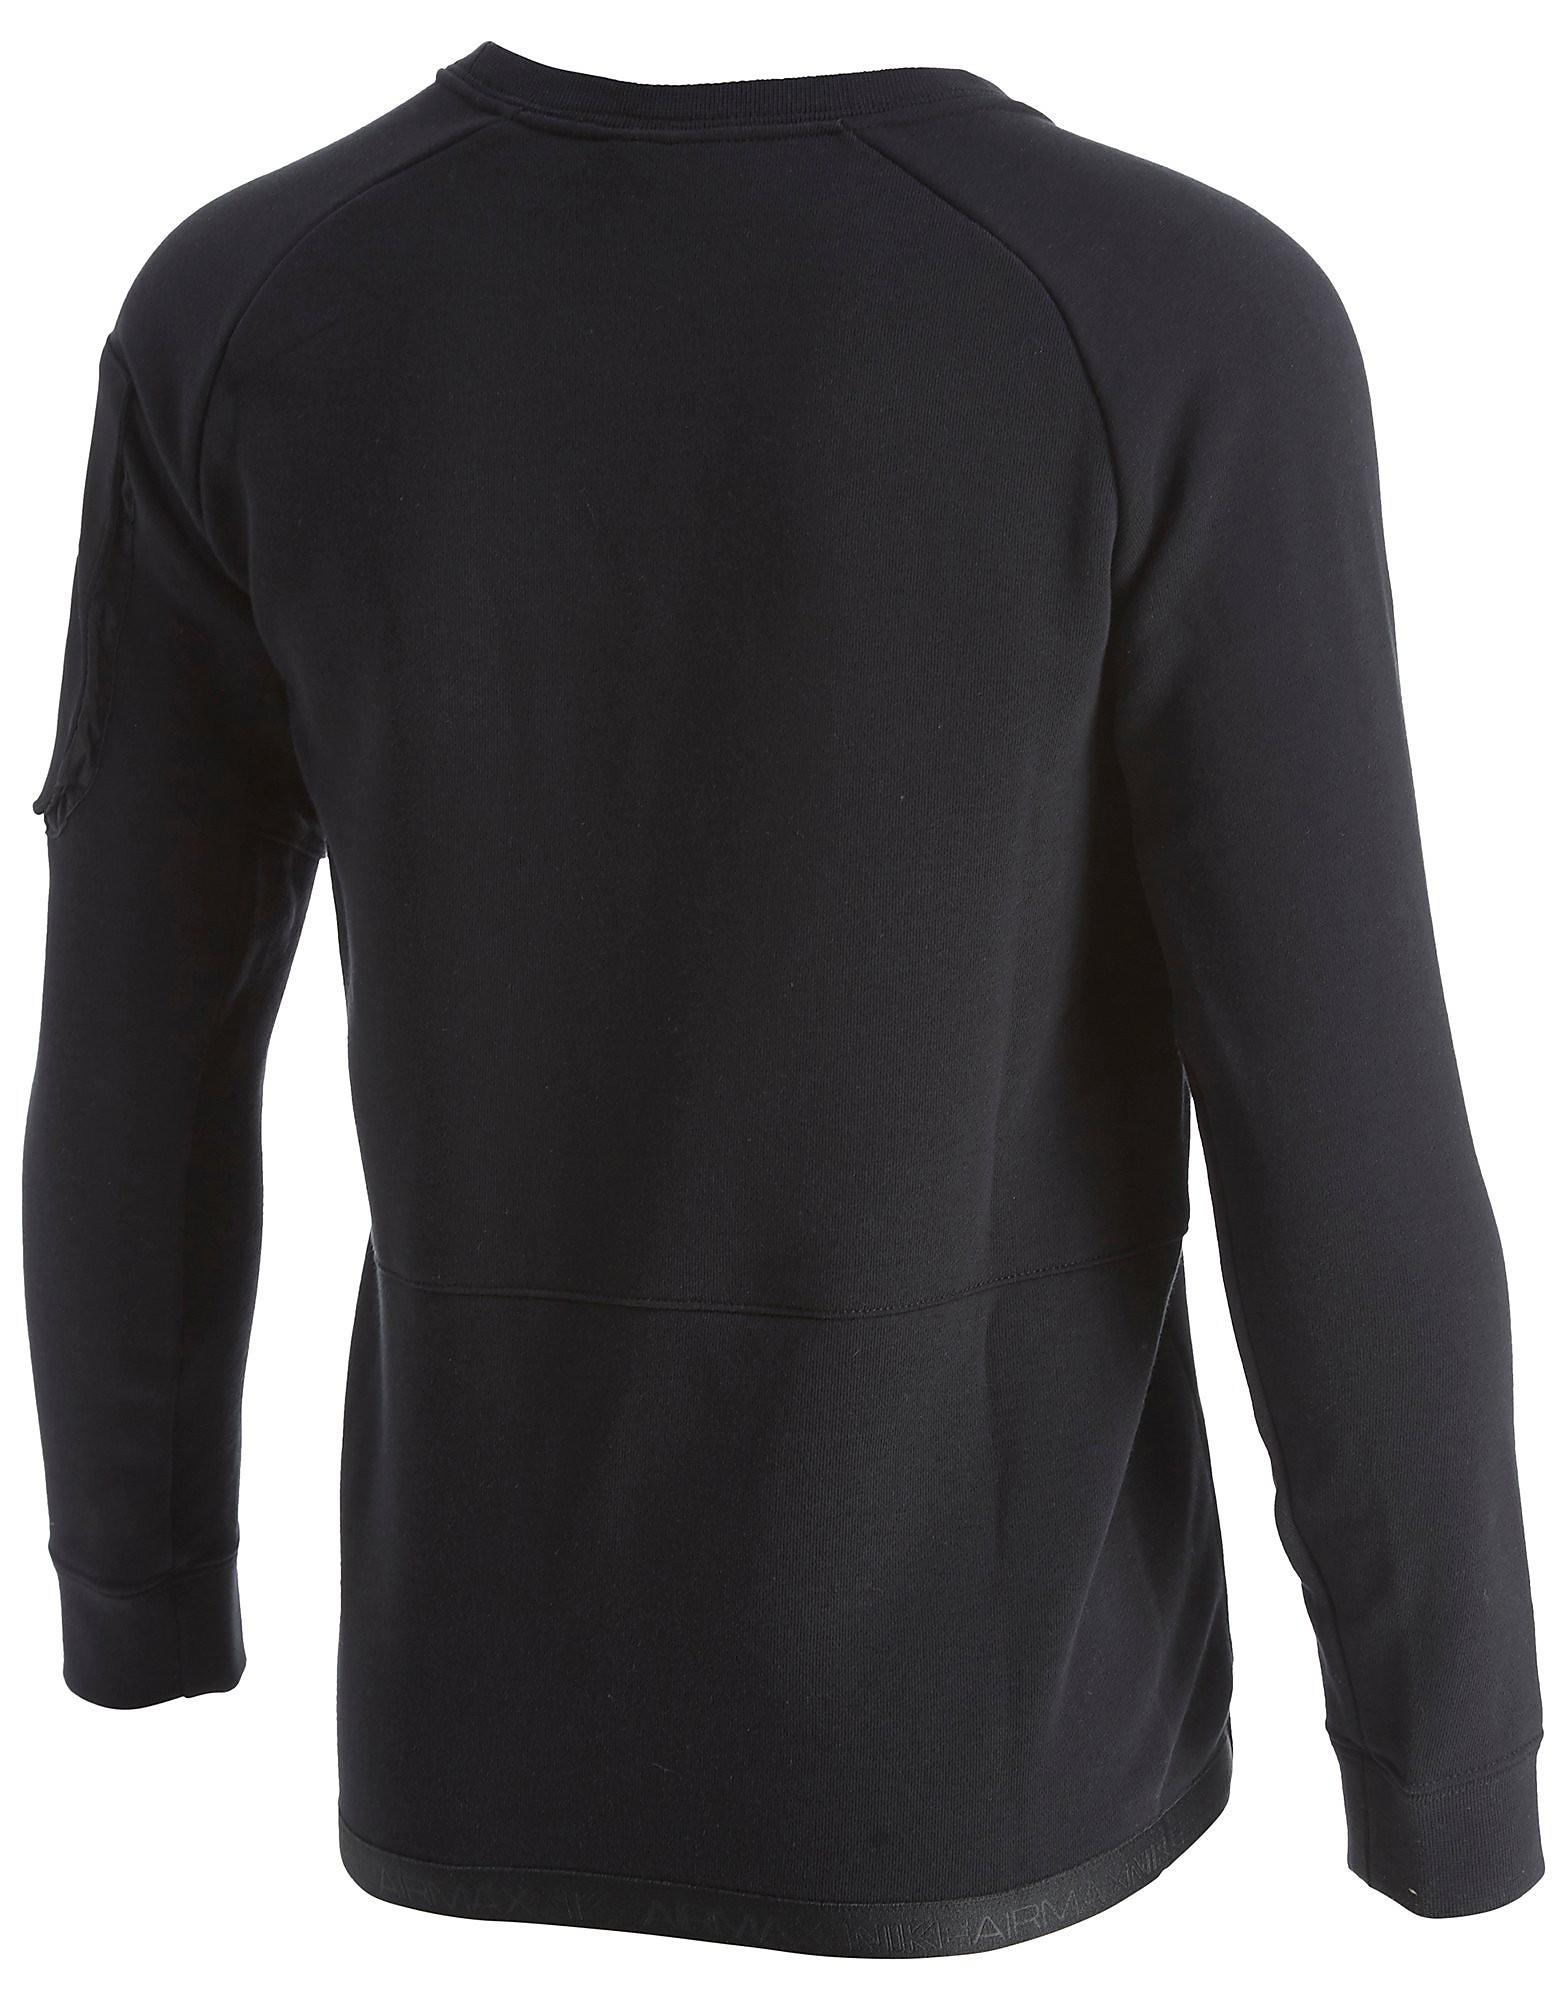 Nike Air Max Crew Sweatshirt Junior